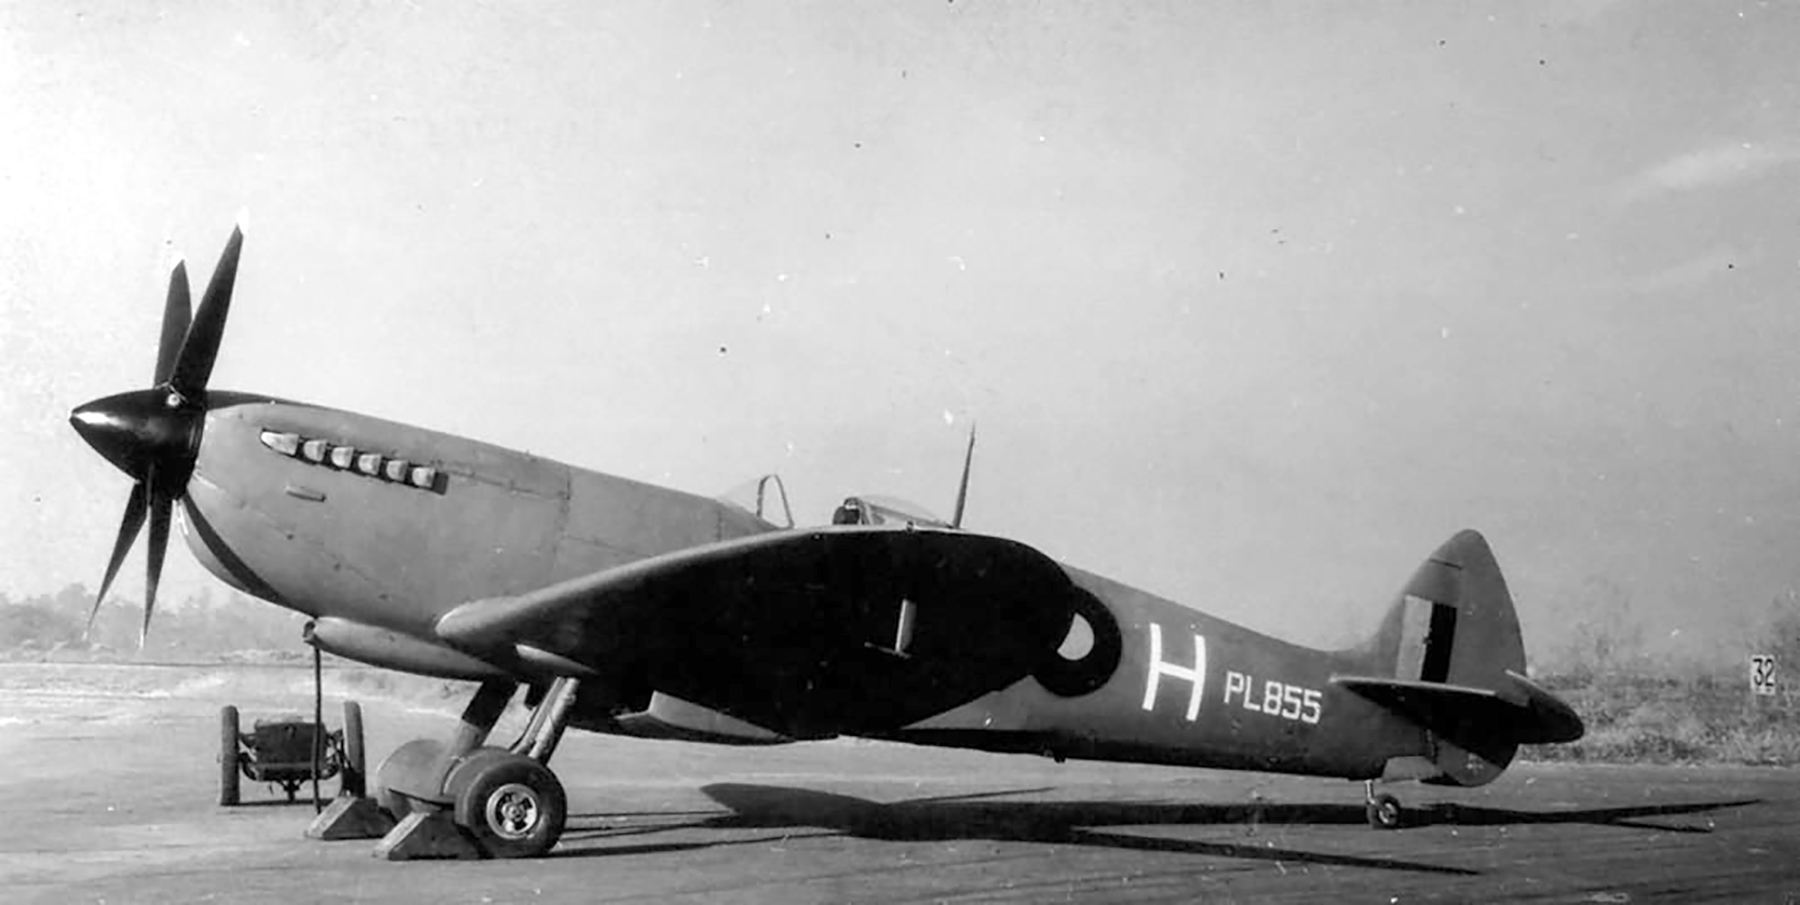 Recon Spitfire PRXI RAF 681Sqn White H PL855 Alipore Northeast India Sep 1944 web 01